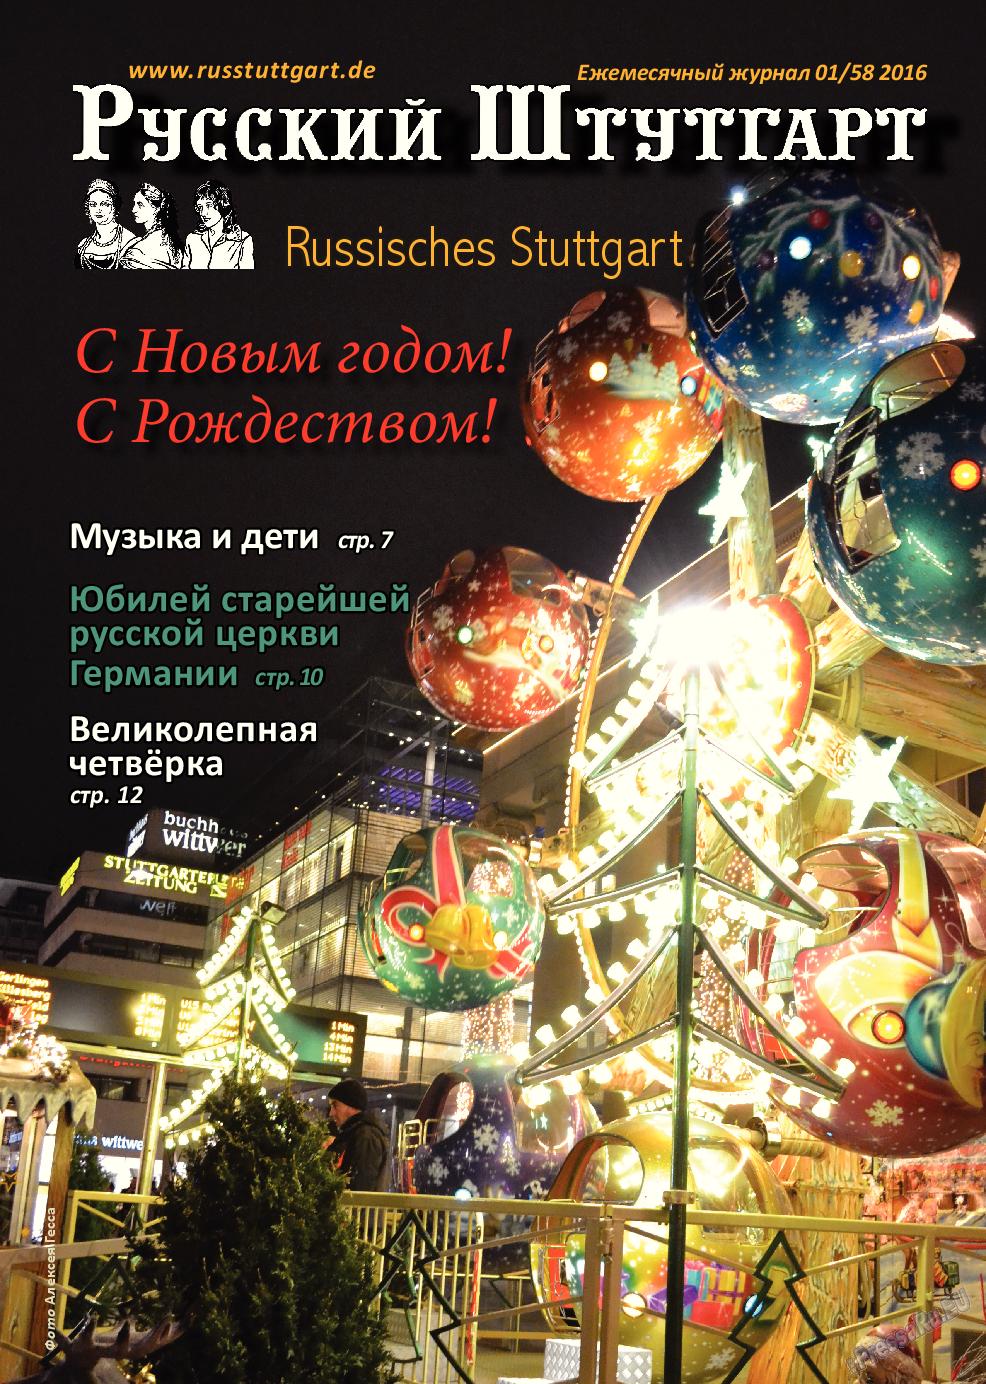 Русский Штутгарт (журнал). 2016 год, номер 58, стр. 1